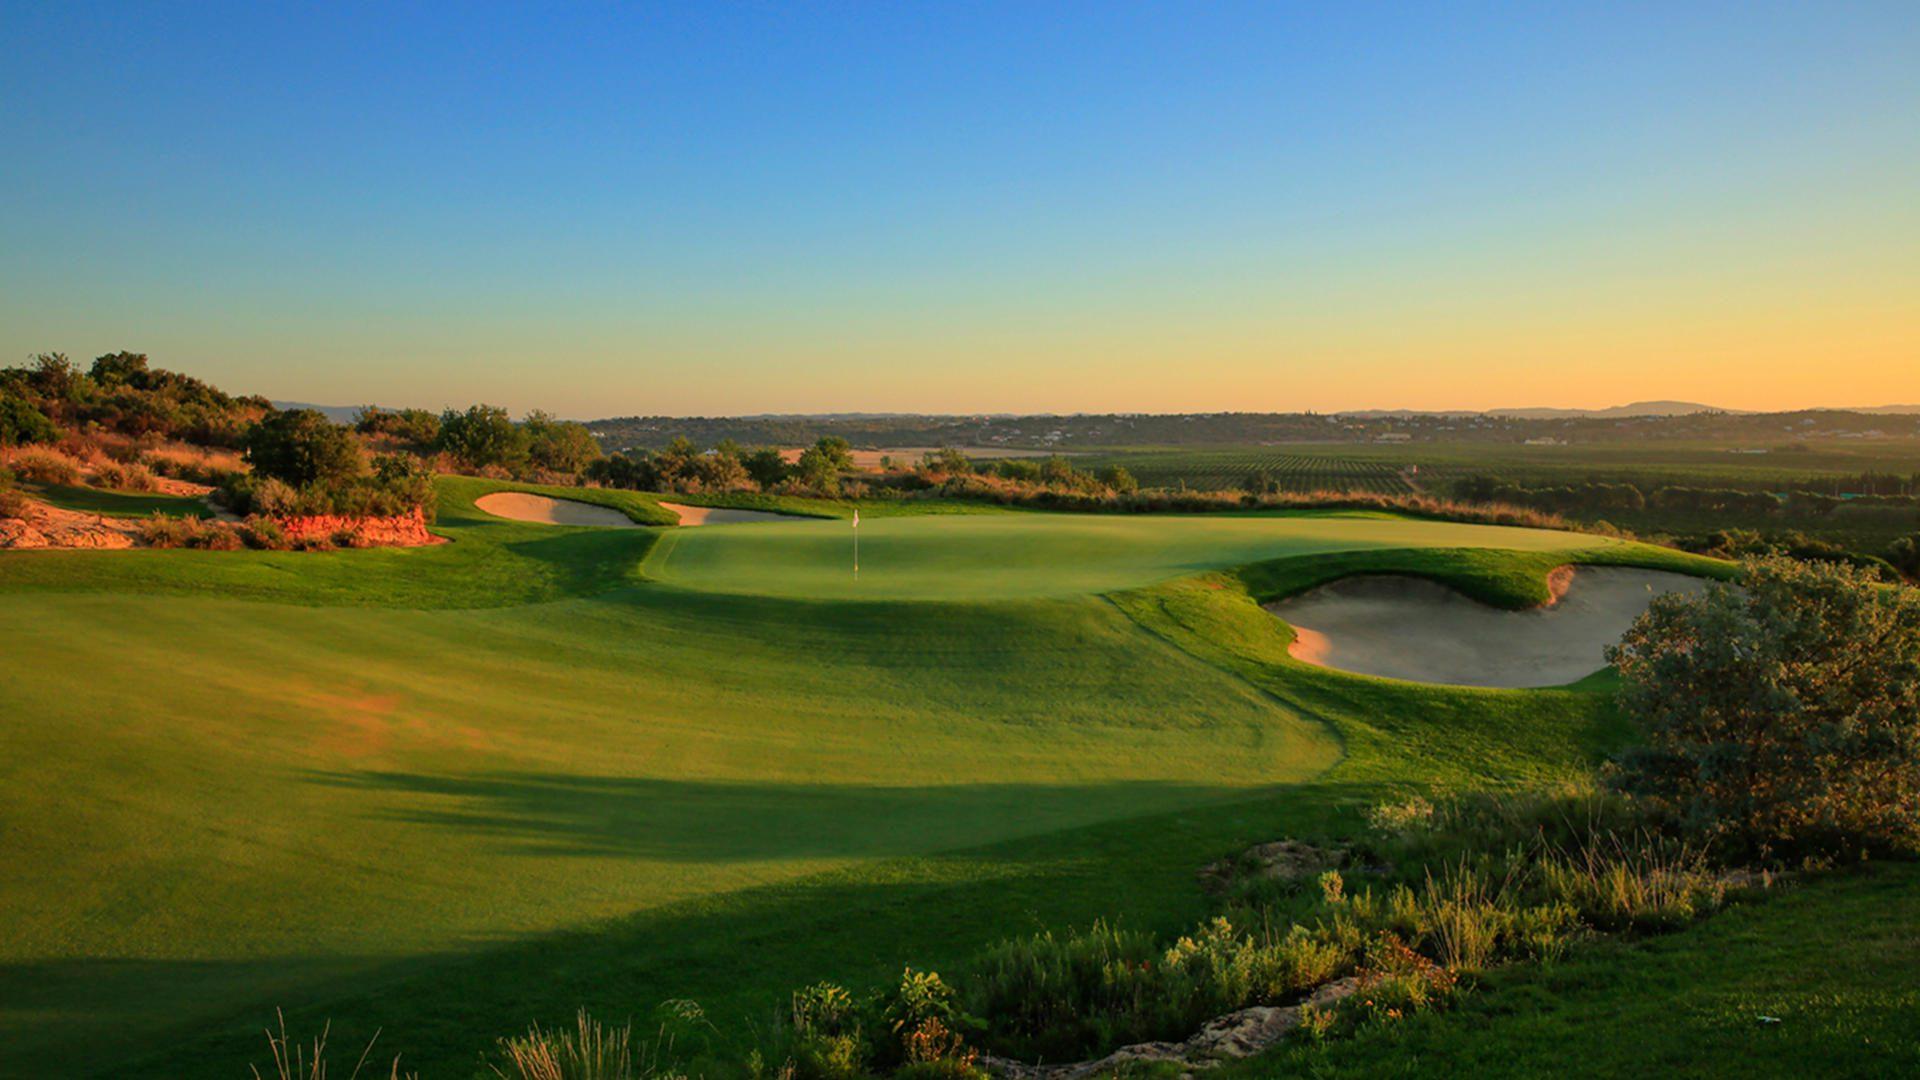 Amendoeira Golf Resort (Faldo Course)